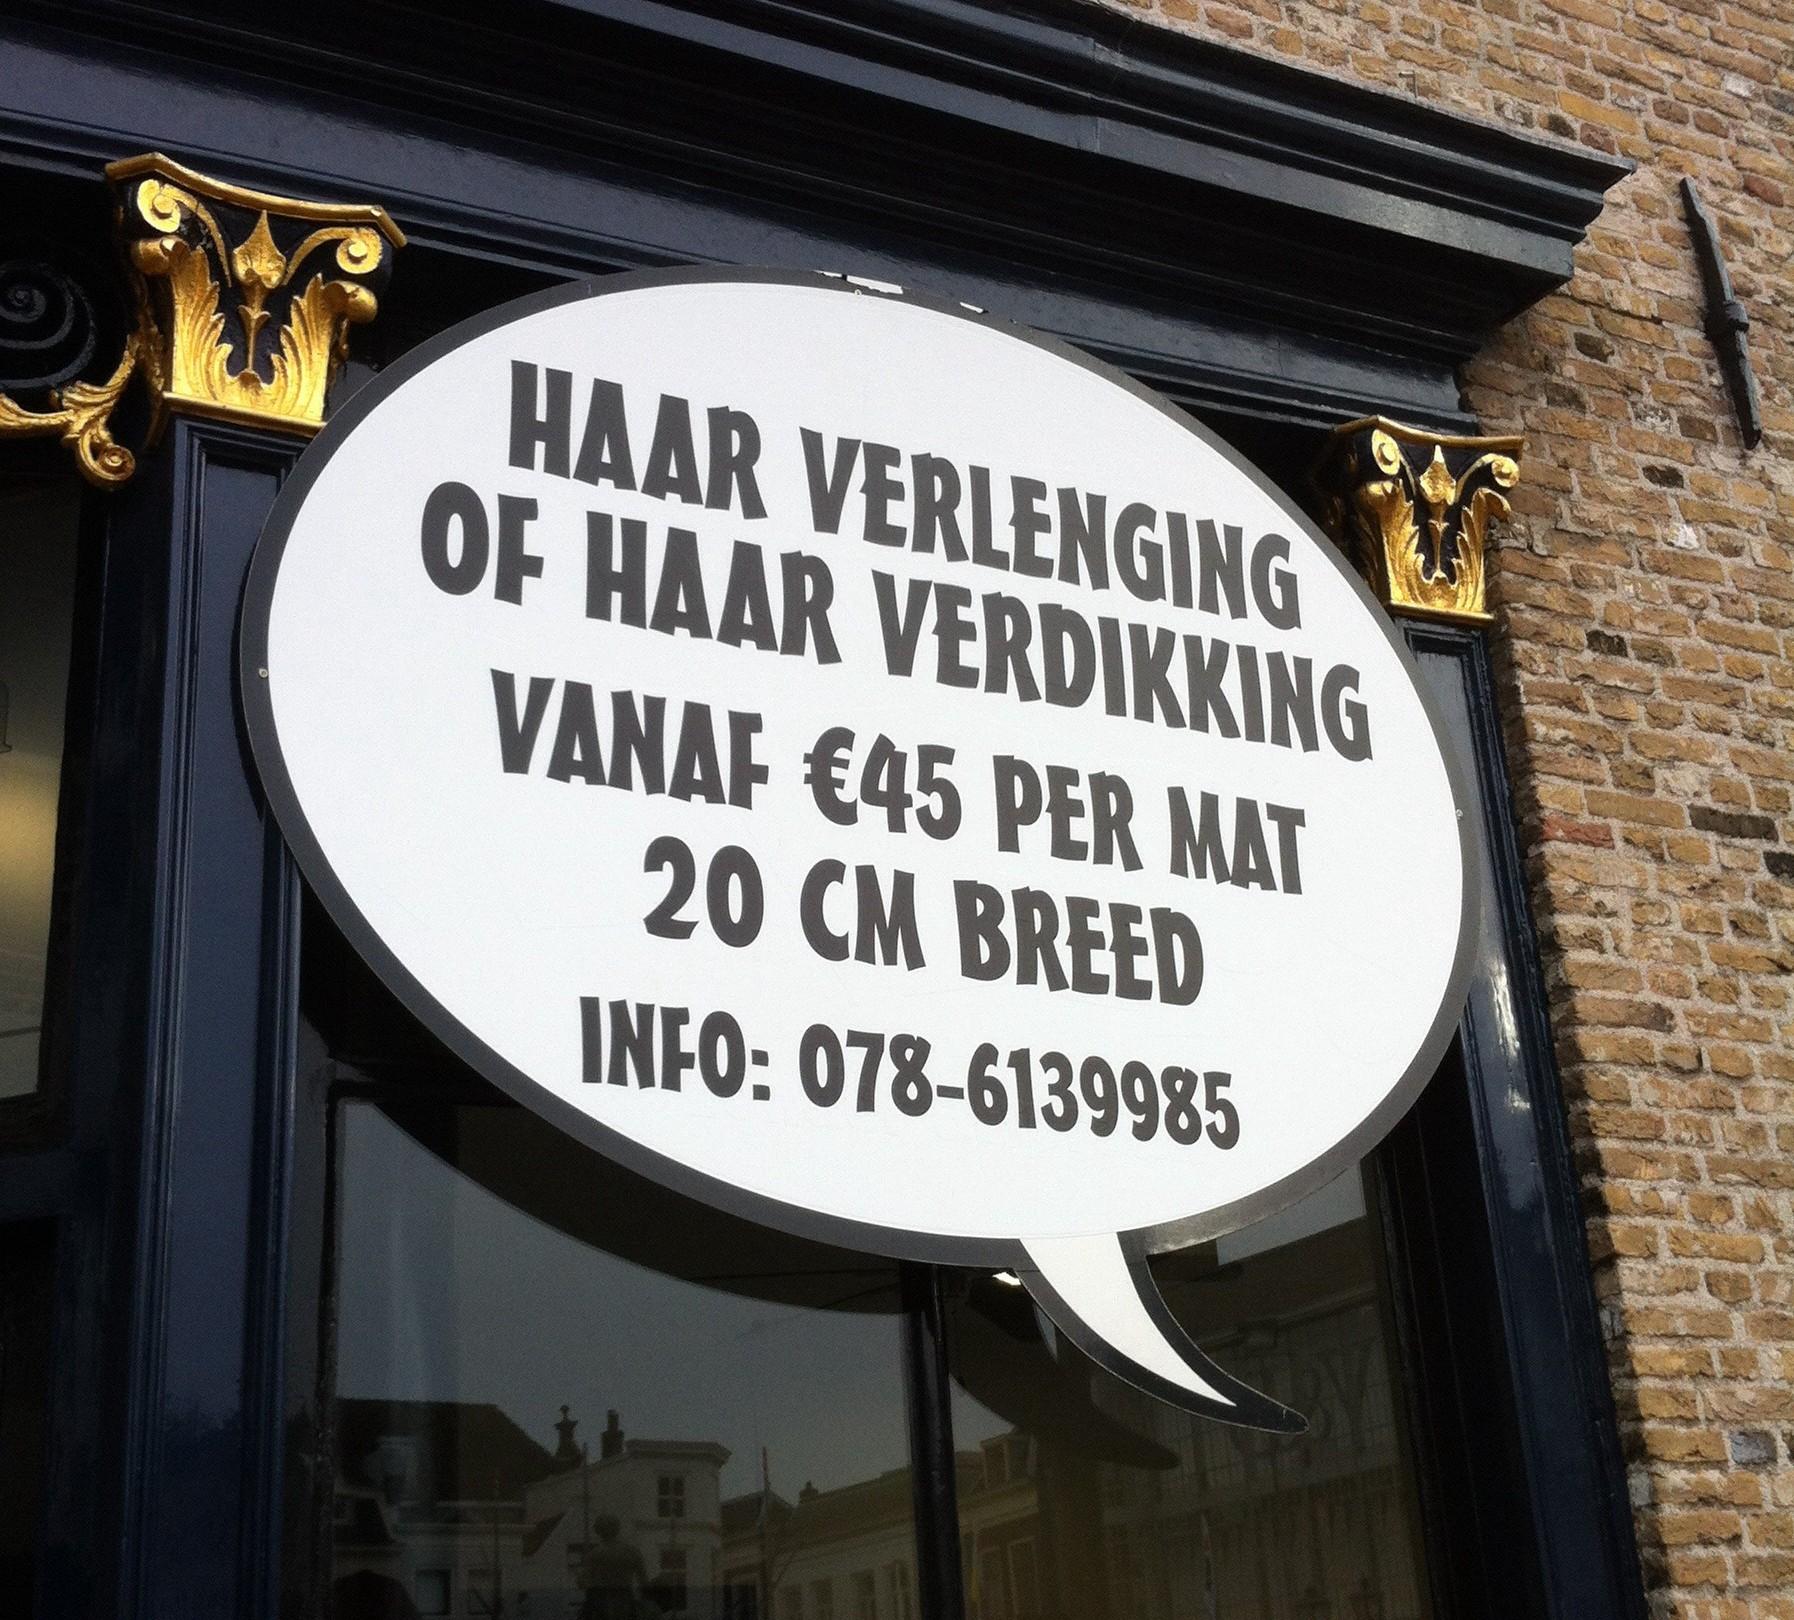 Column: afslank nederlands